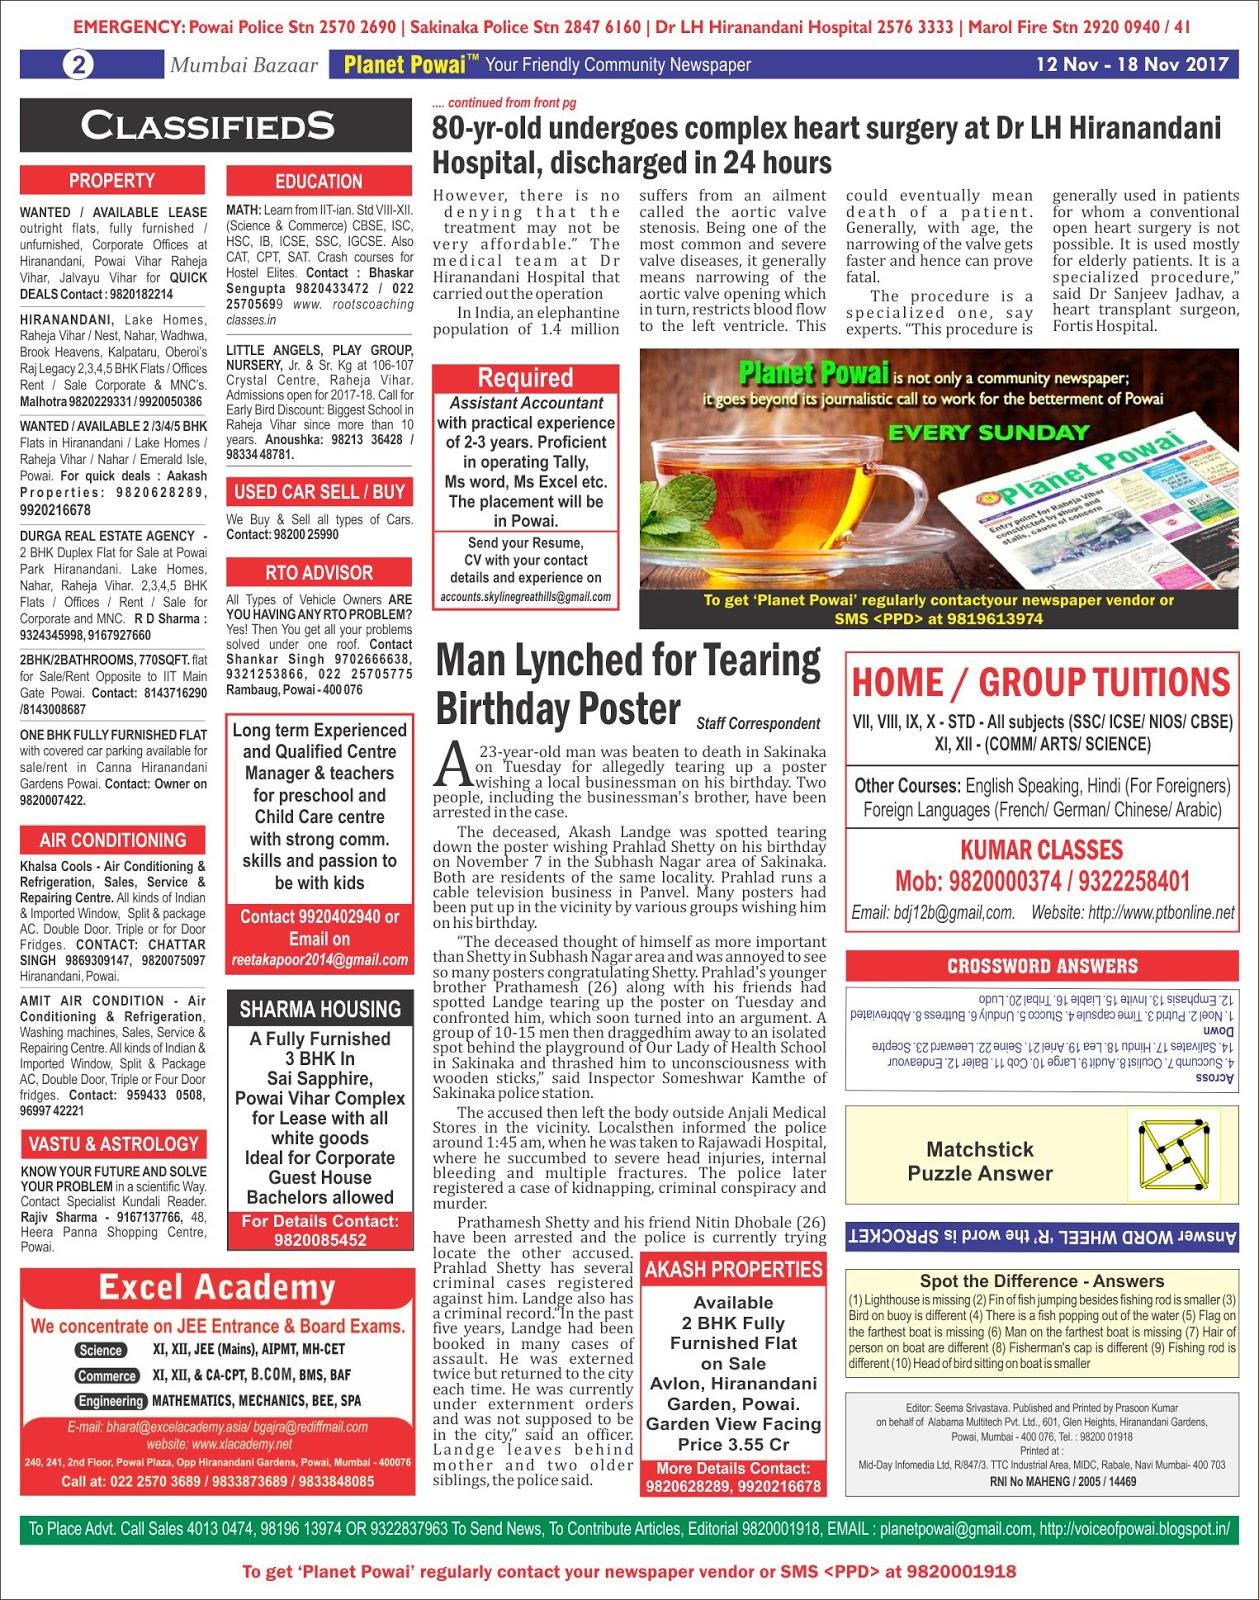 PLANET POWAI 12 November 2017 (Vol 13 Issue 33) | PLANET POWAI NEWSPAPER